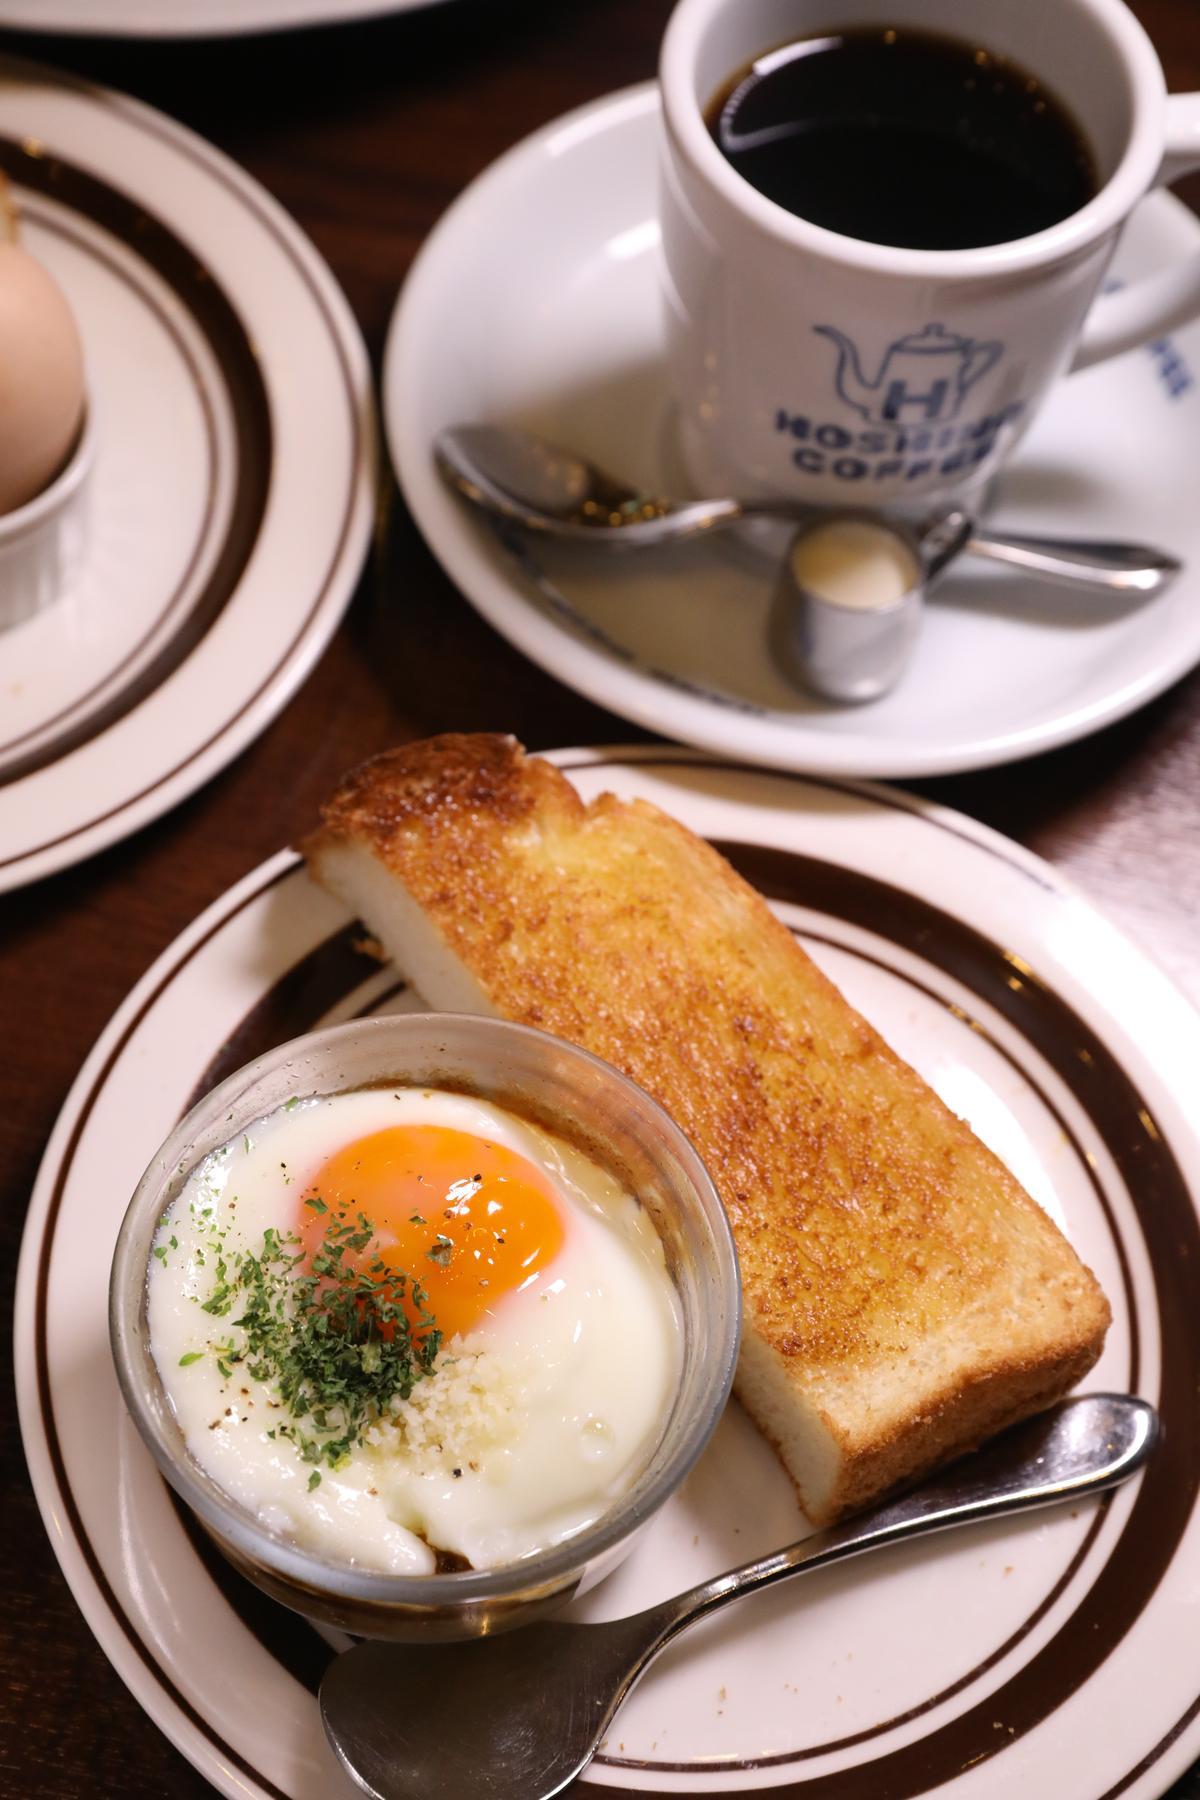 想換口味,可升級成半片吐司與荷包蛋馬鈴薯泥。(500日圓/份,約NT$141)